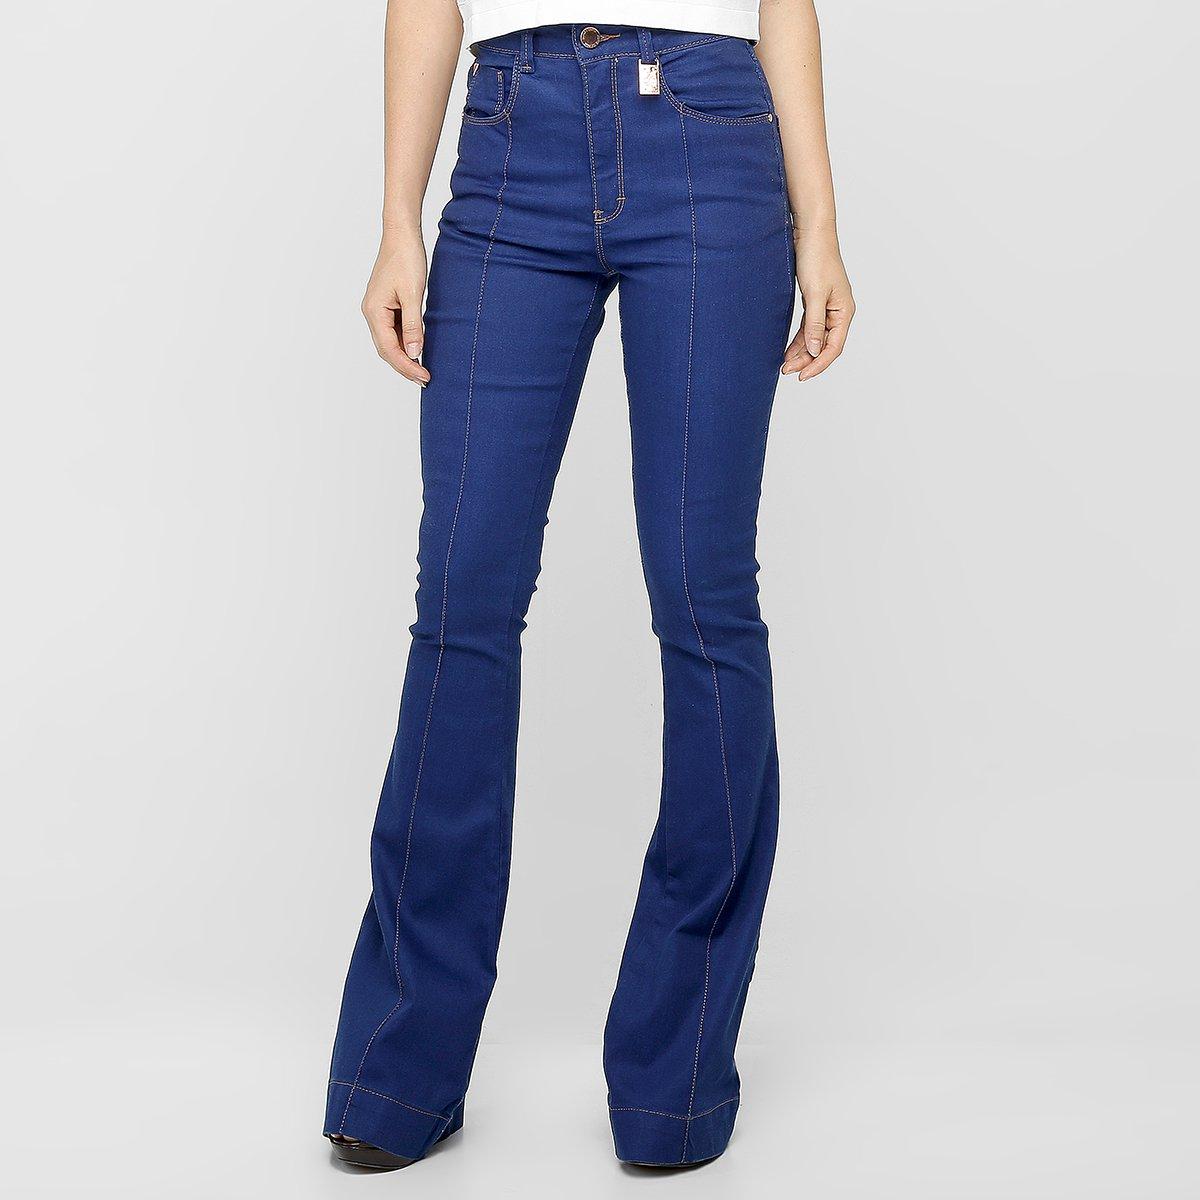 187078e32 Calça Jeans Zune Flare Cintura Alta - Jeans | Zattini